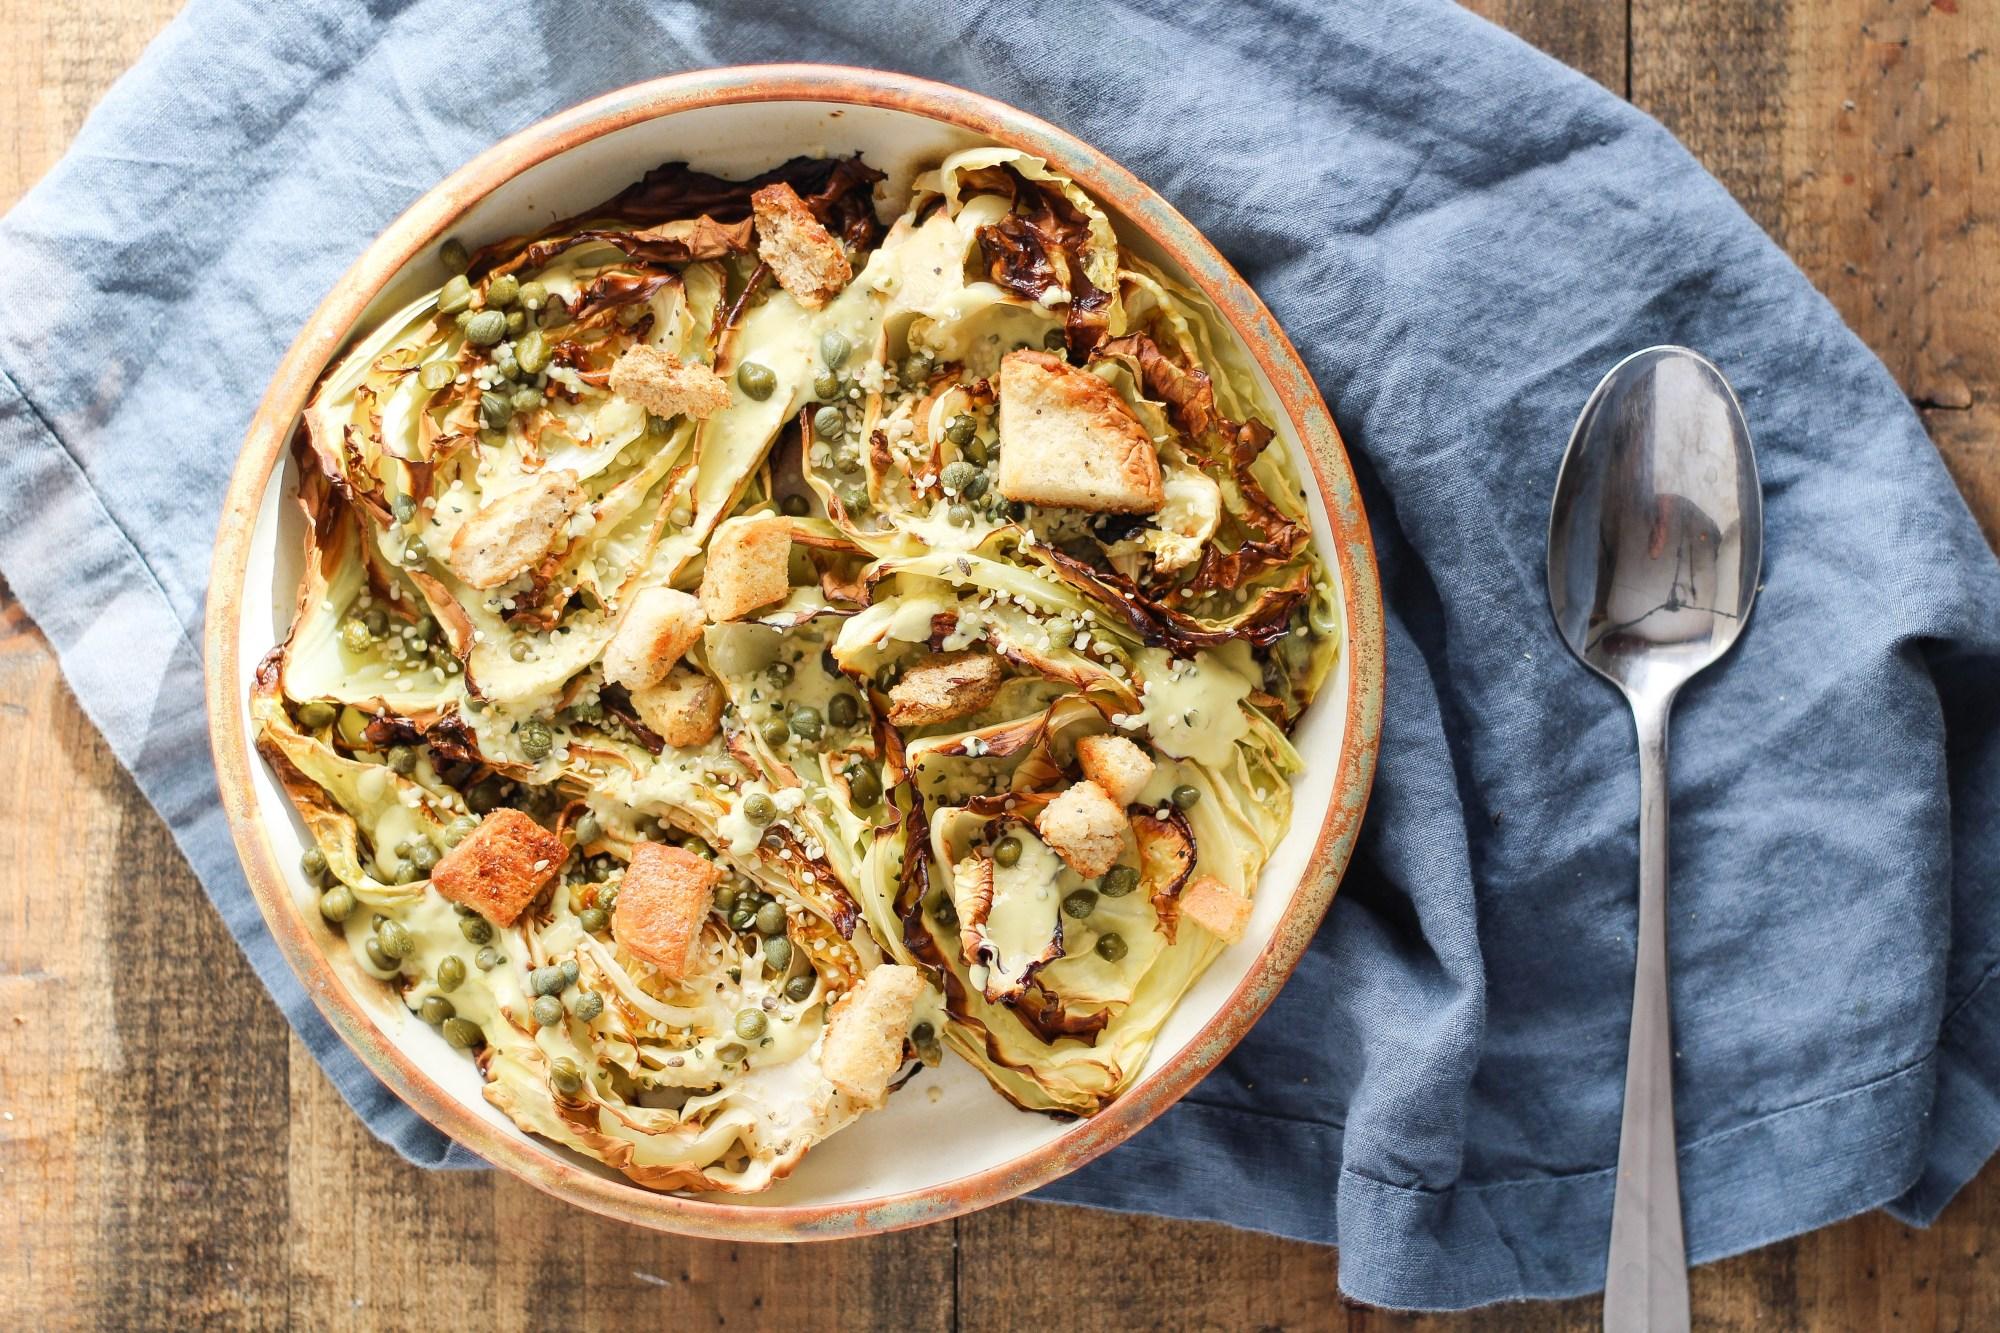 Vegan Roasted Cabbage Caesar Salad - Stephanie McKercher, RD of The Grateful Grazer